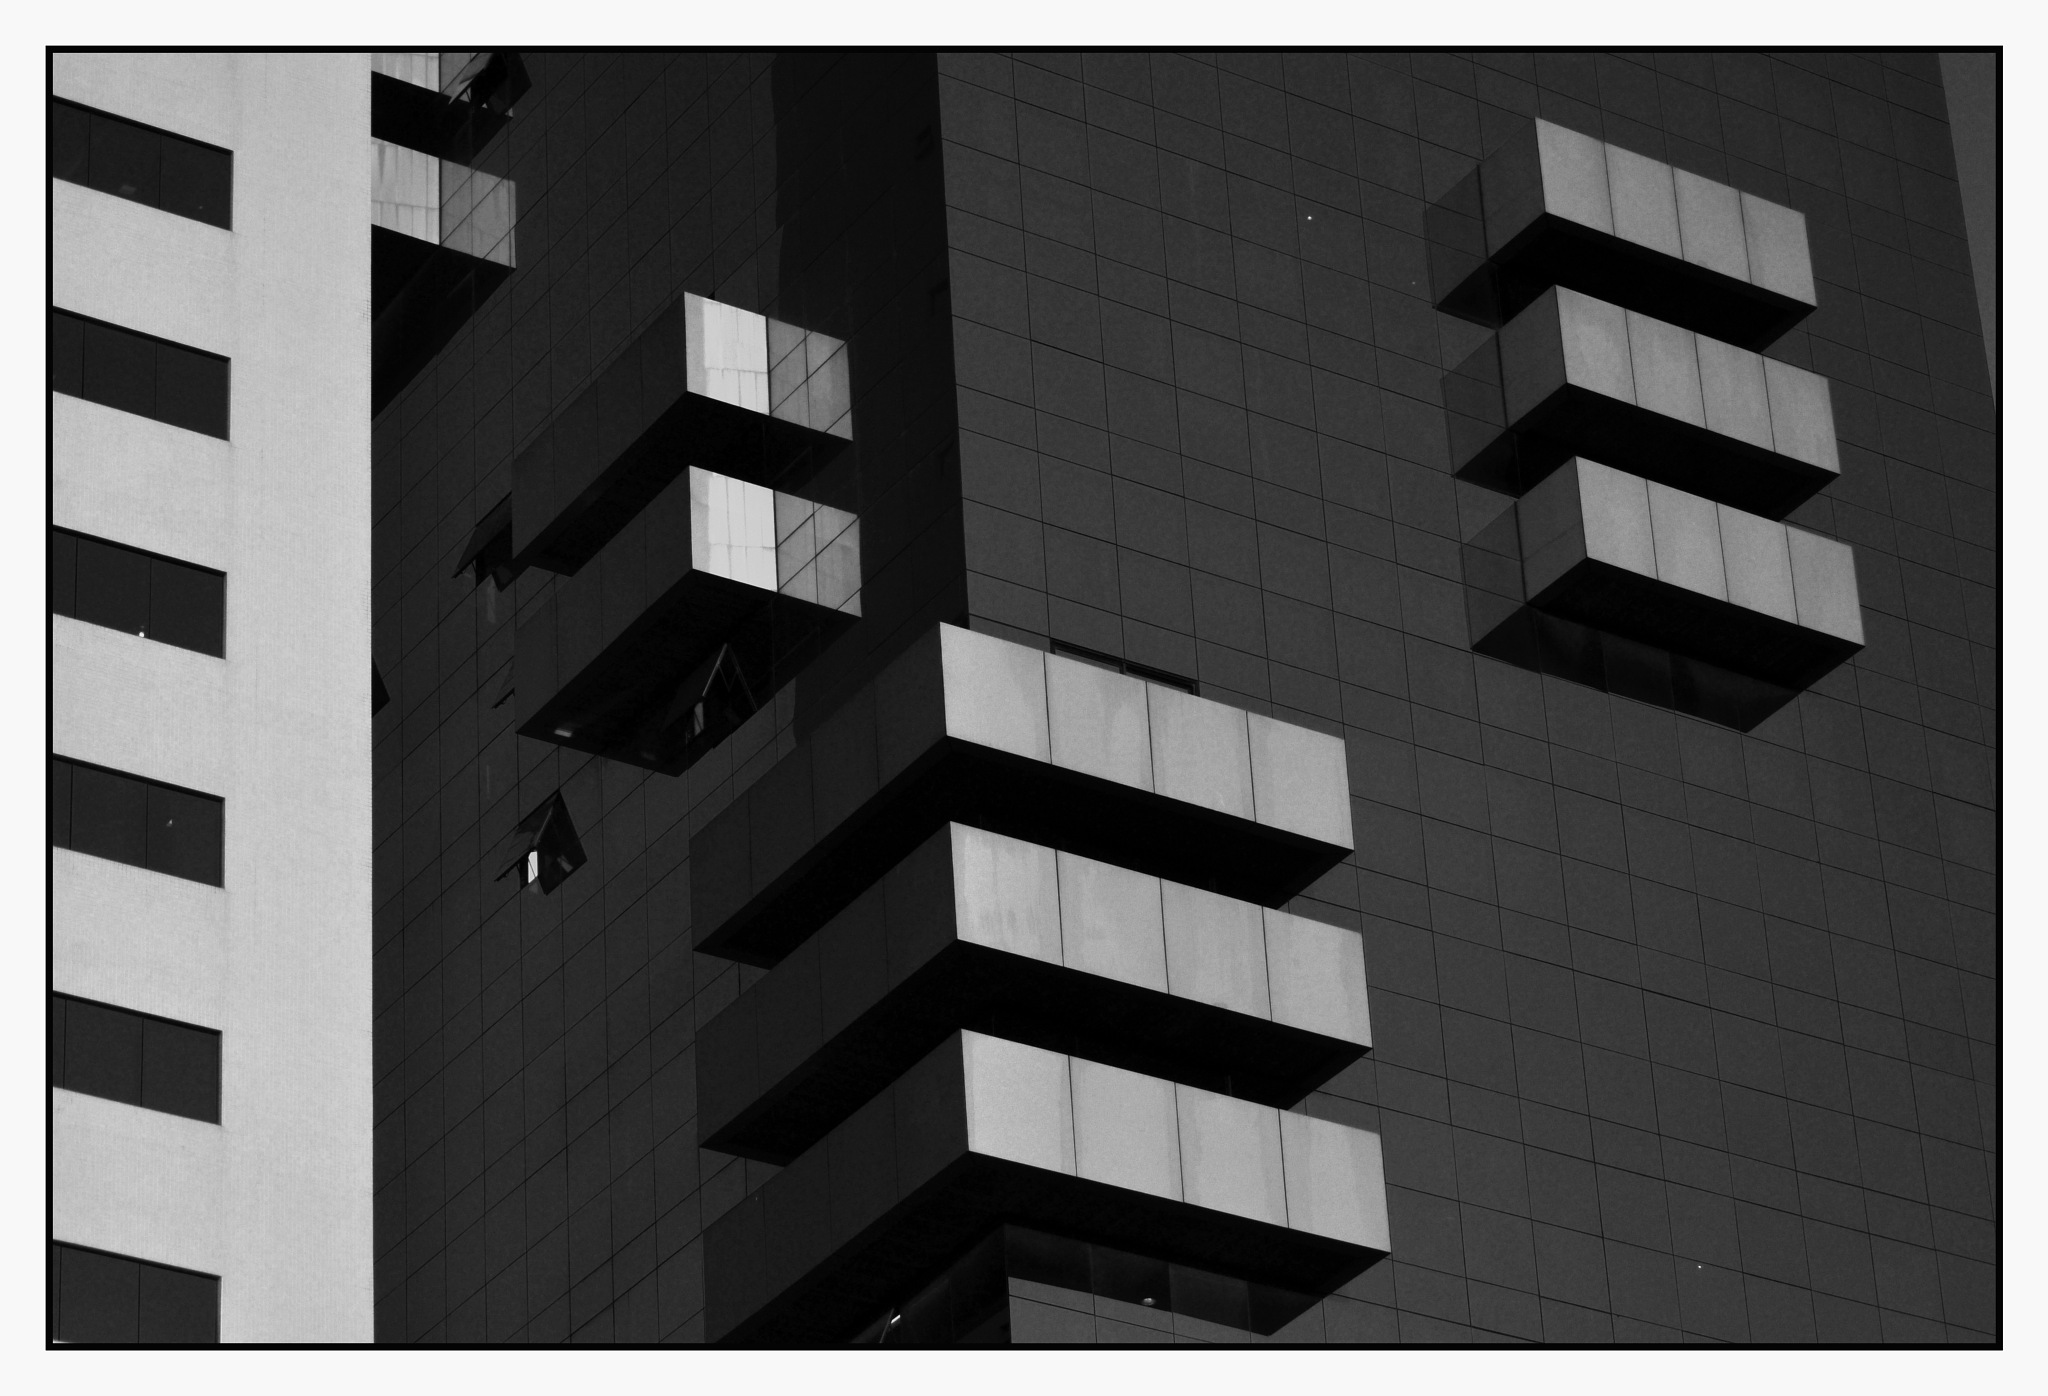 Squares by José Evaldo Suassuna de Oliveira